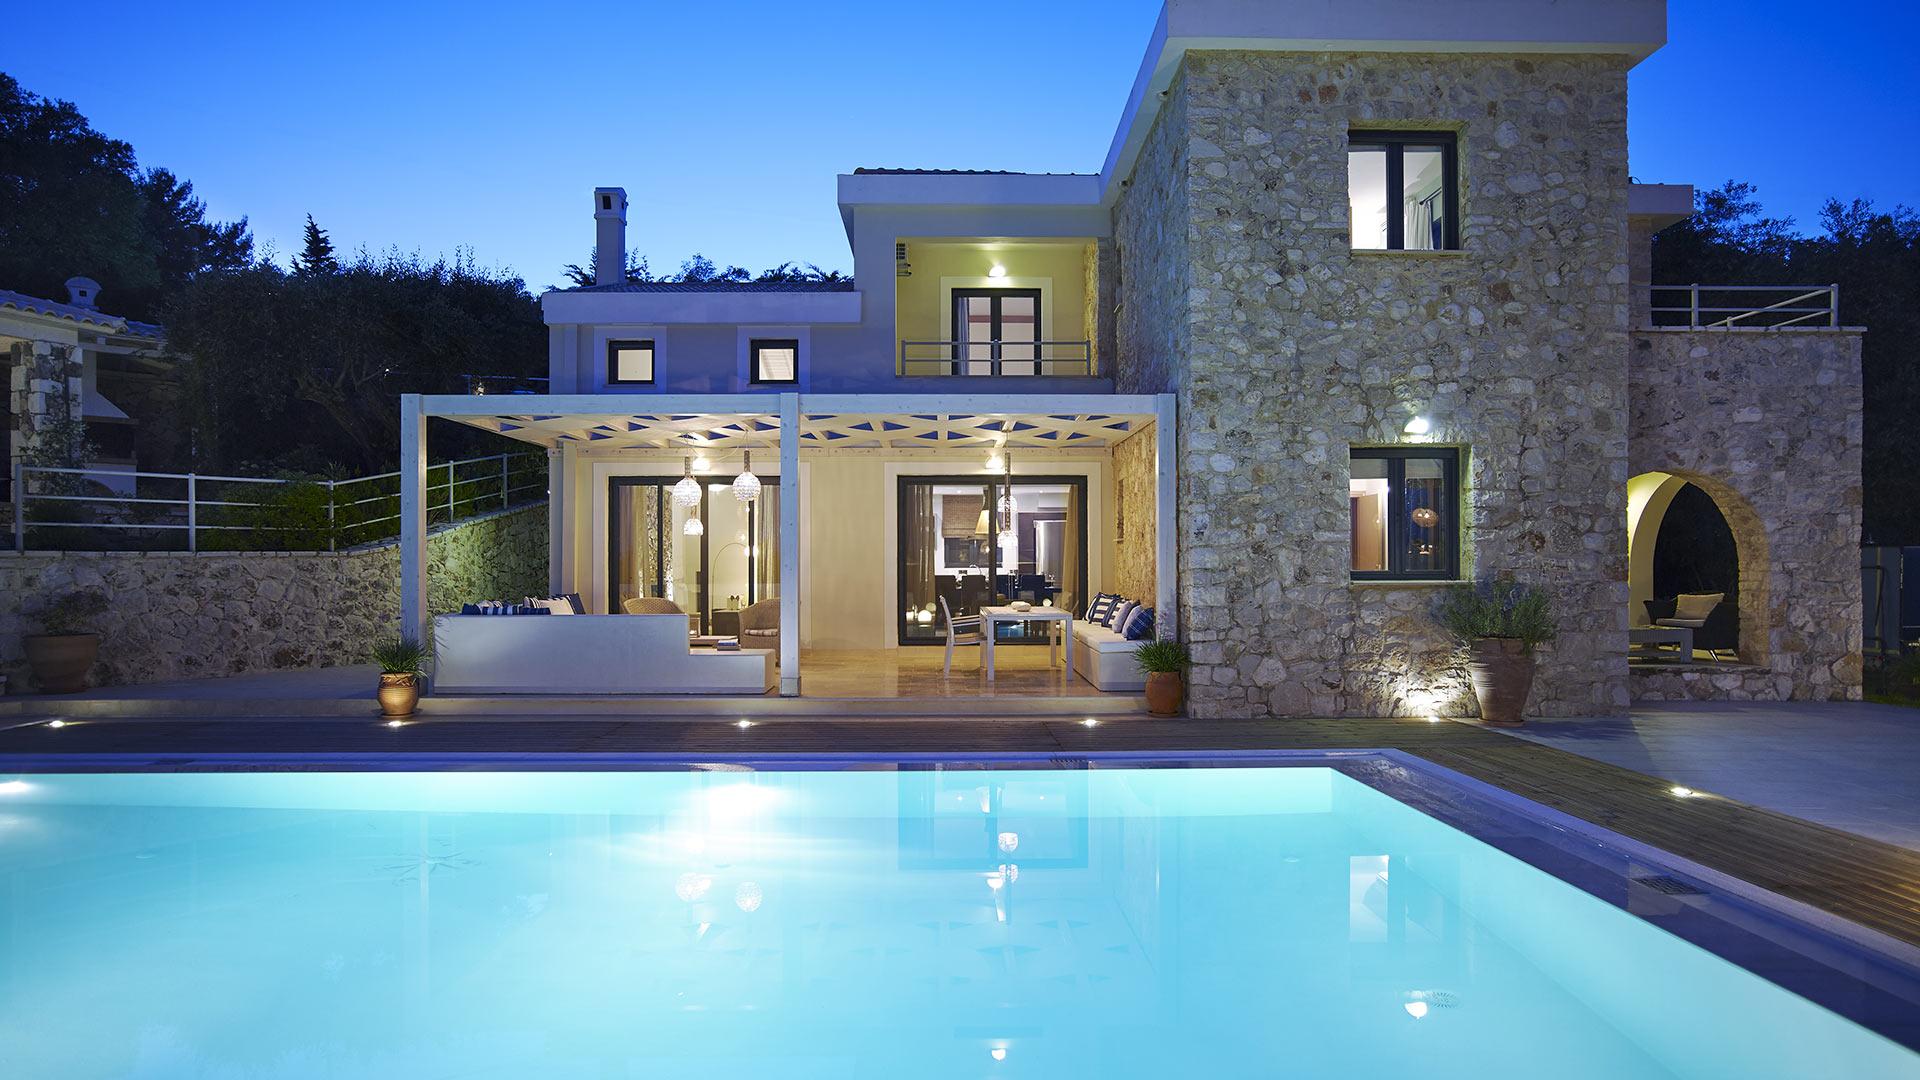 Villa Dany - Villa in affitto a Mar Ionio, Corfu | Villanovo